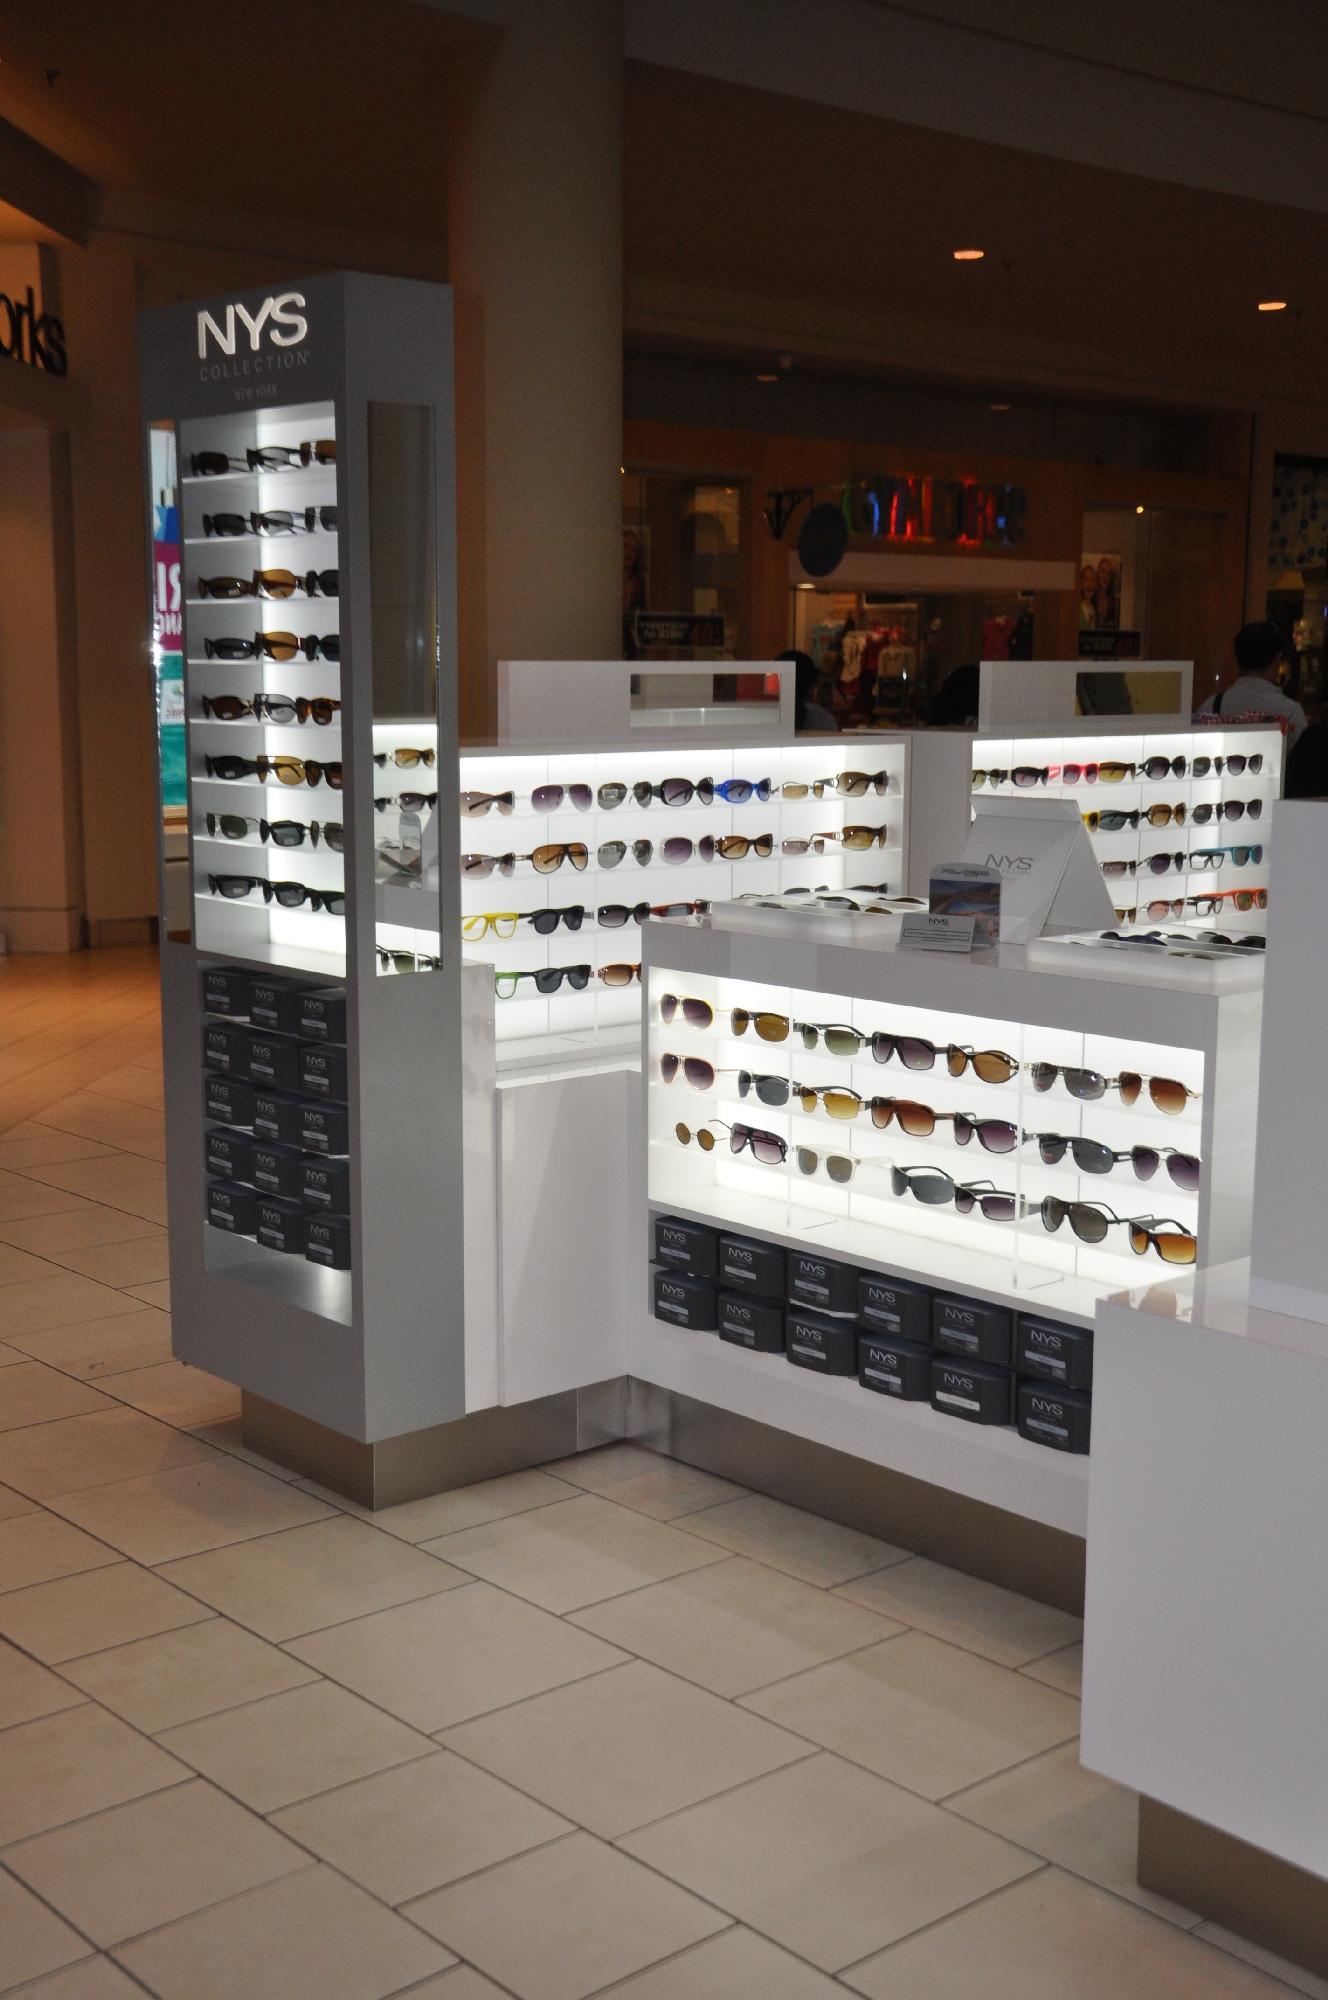 NYS KIOSK Freehold Mall 2012 024__06.jpg